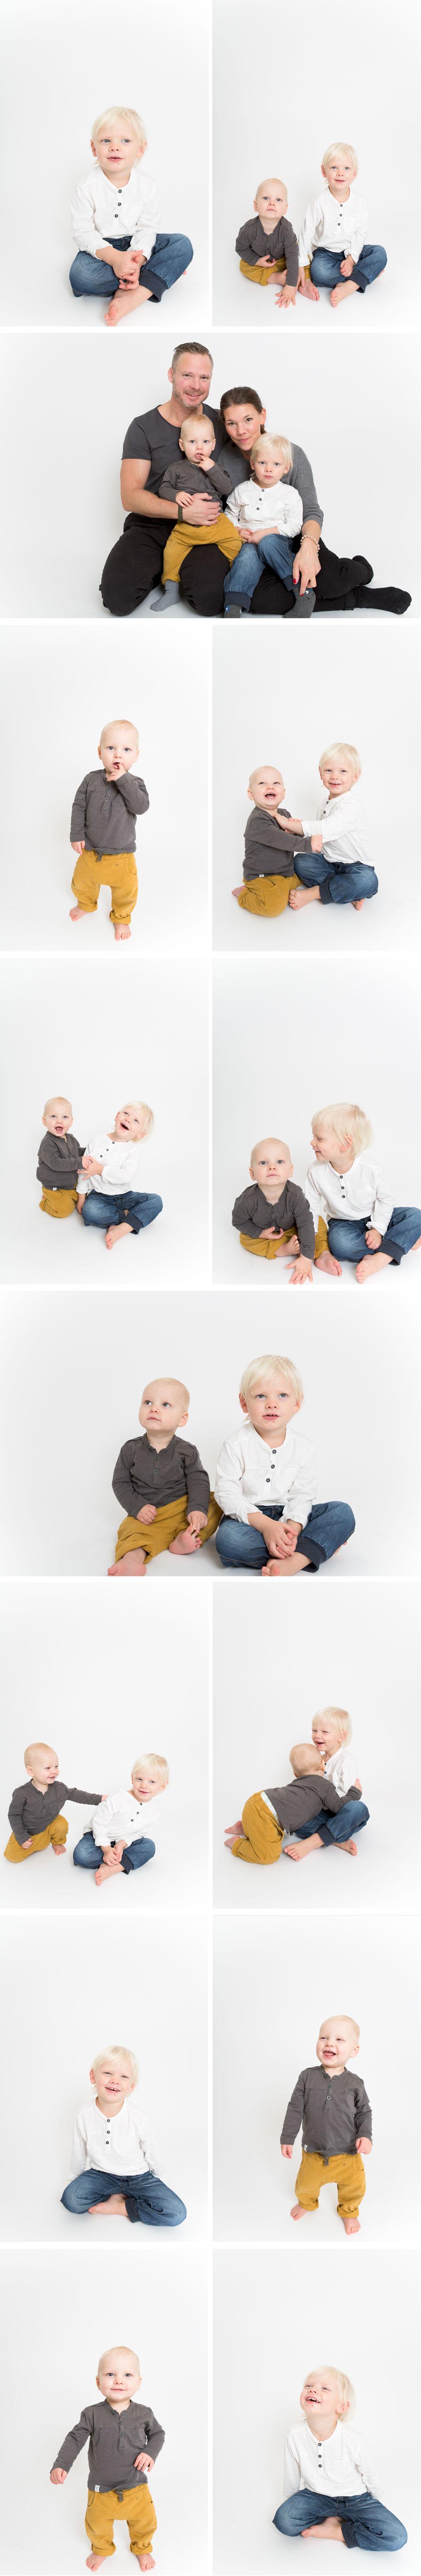 Tvåpojkar